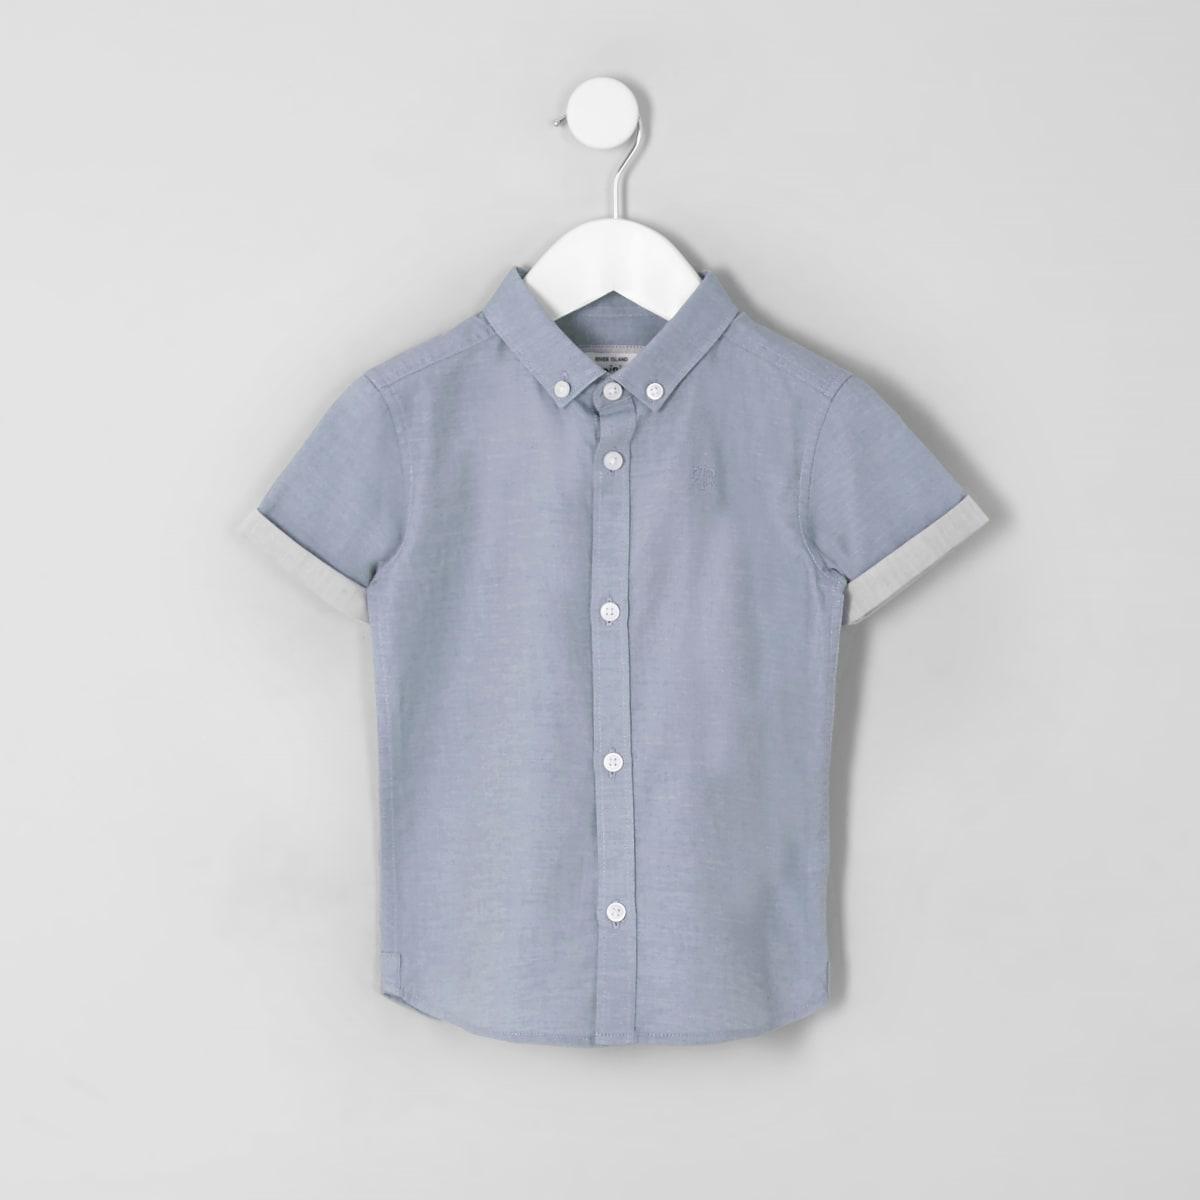 Mini - Blauw overhemd met RI-logo en korte mouwen voor jongens